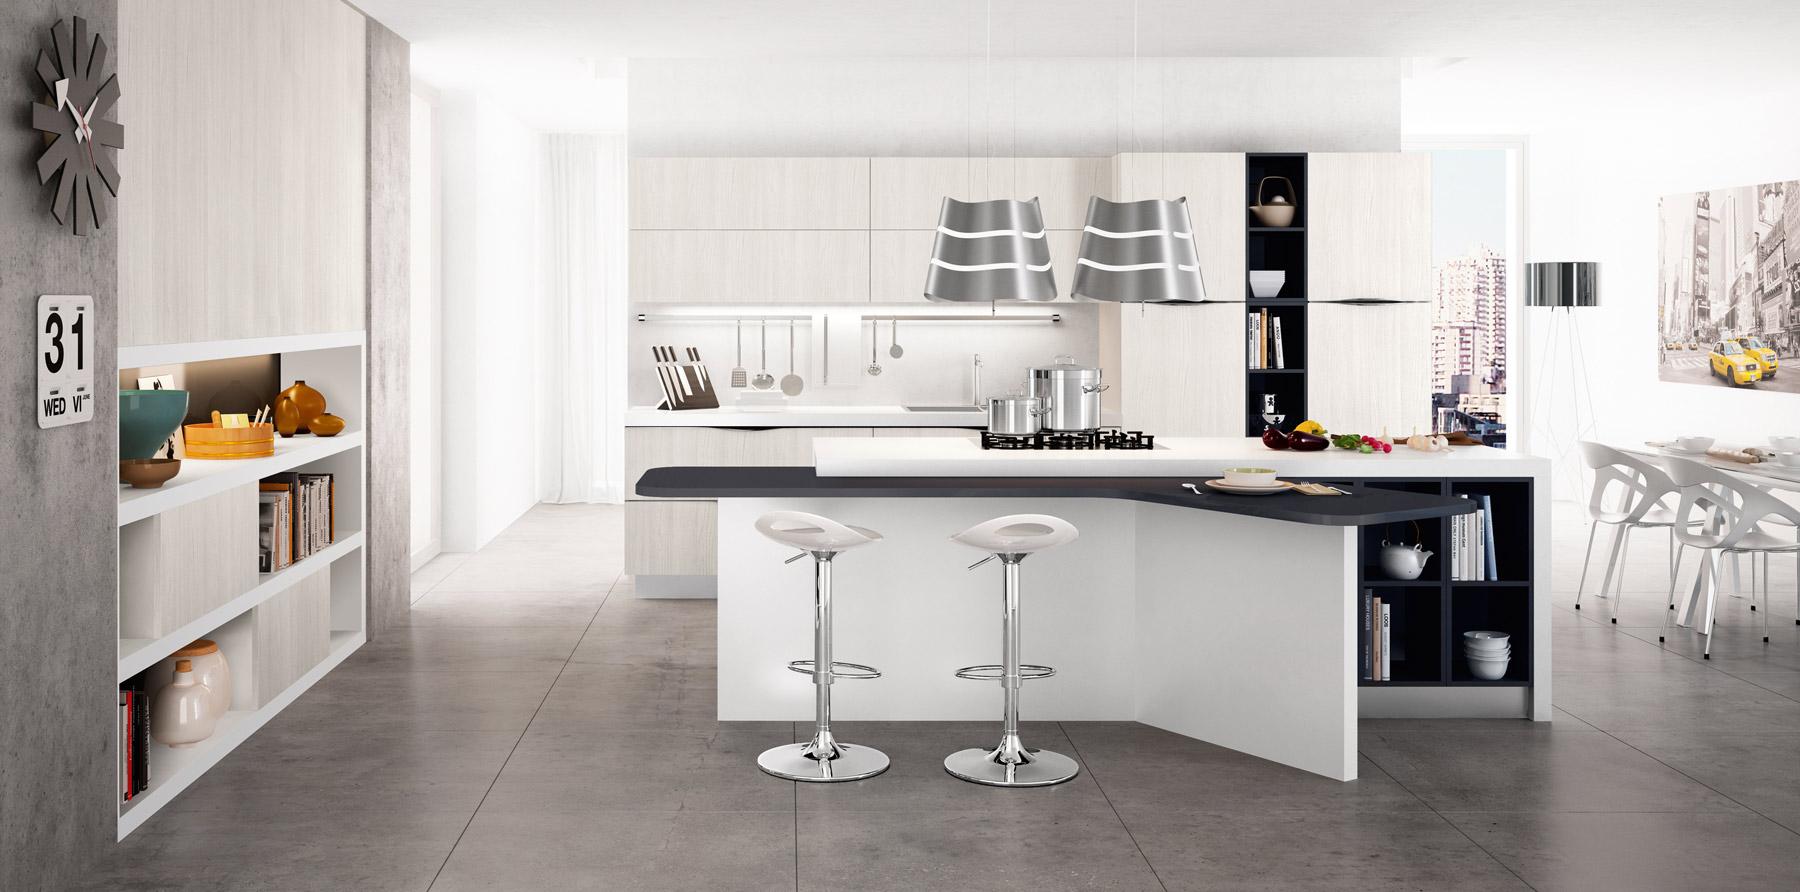 Светлый кухонный остров с чёрно-белой столешницей в интерьере кухни